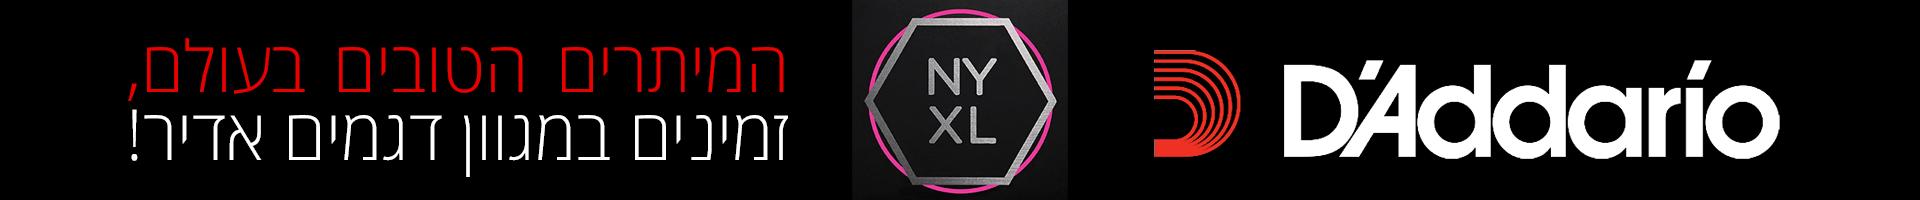 nyxl ad